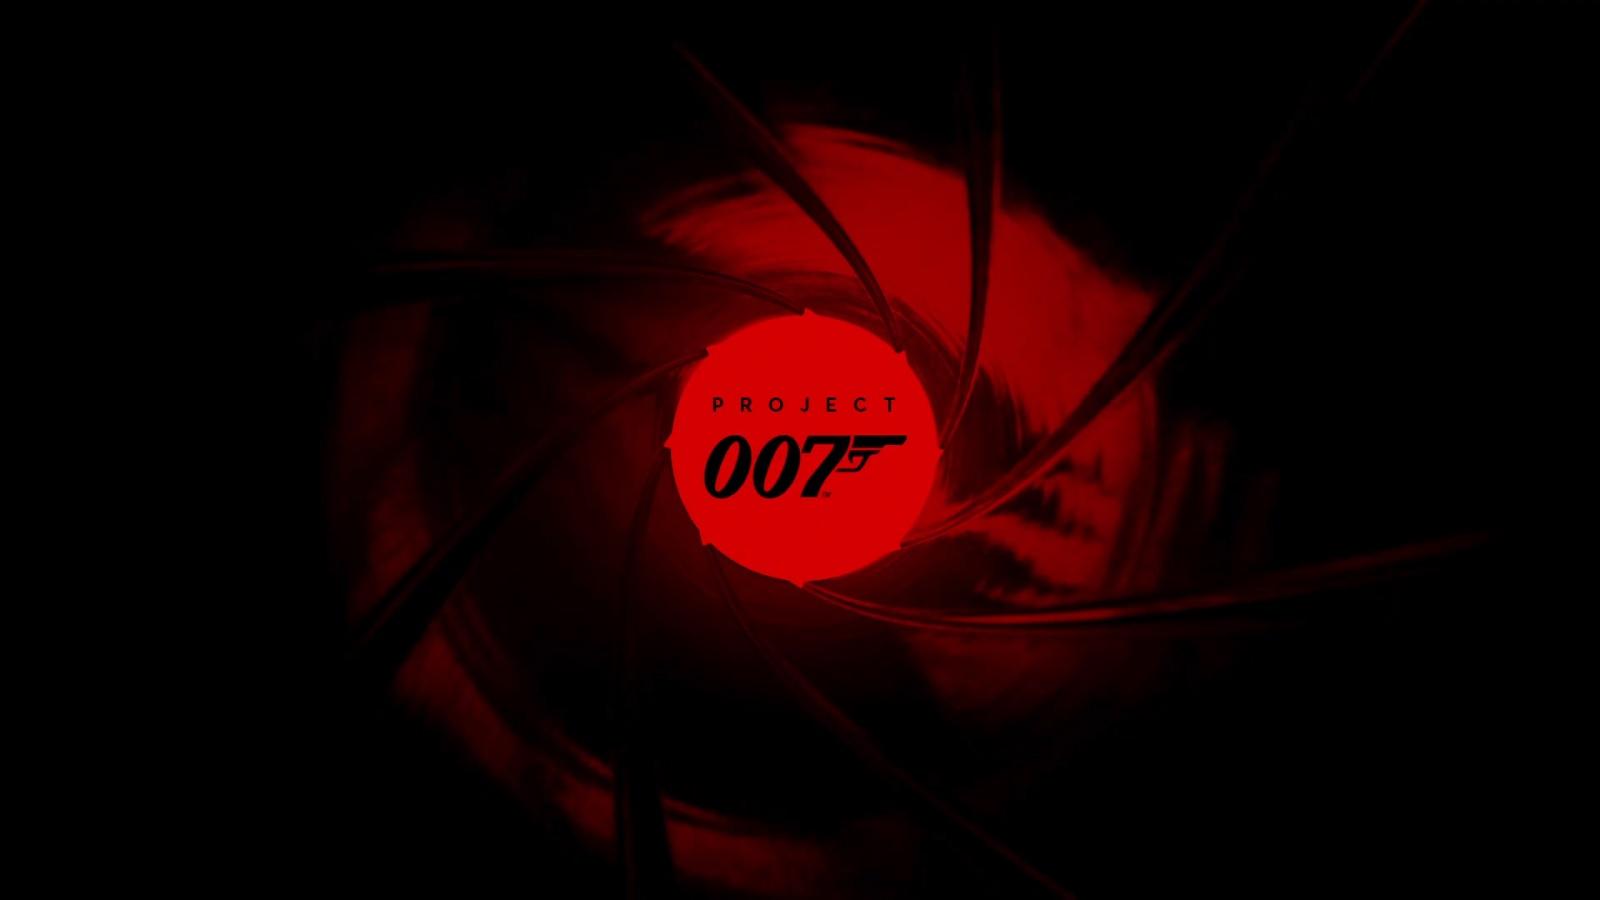 «Бонд для игровой индустрии»: глава IO Interactive рассказал, почему Project 007 станет самостоятельной историей